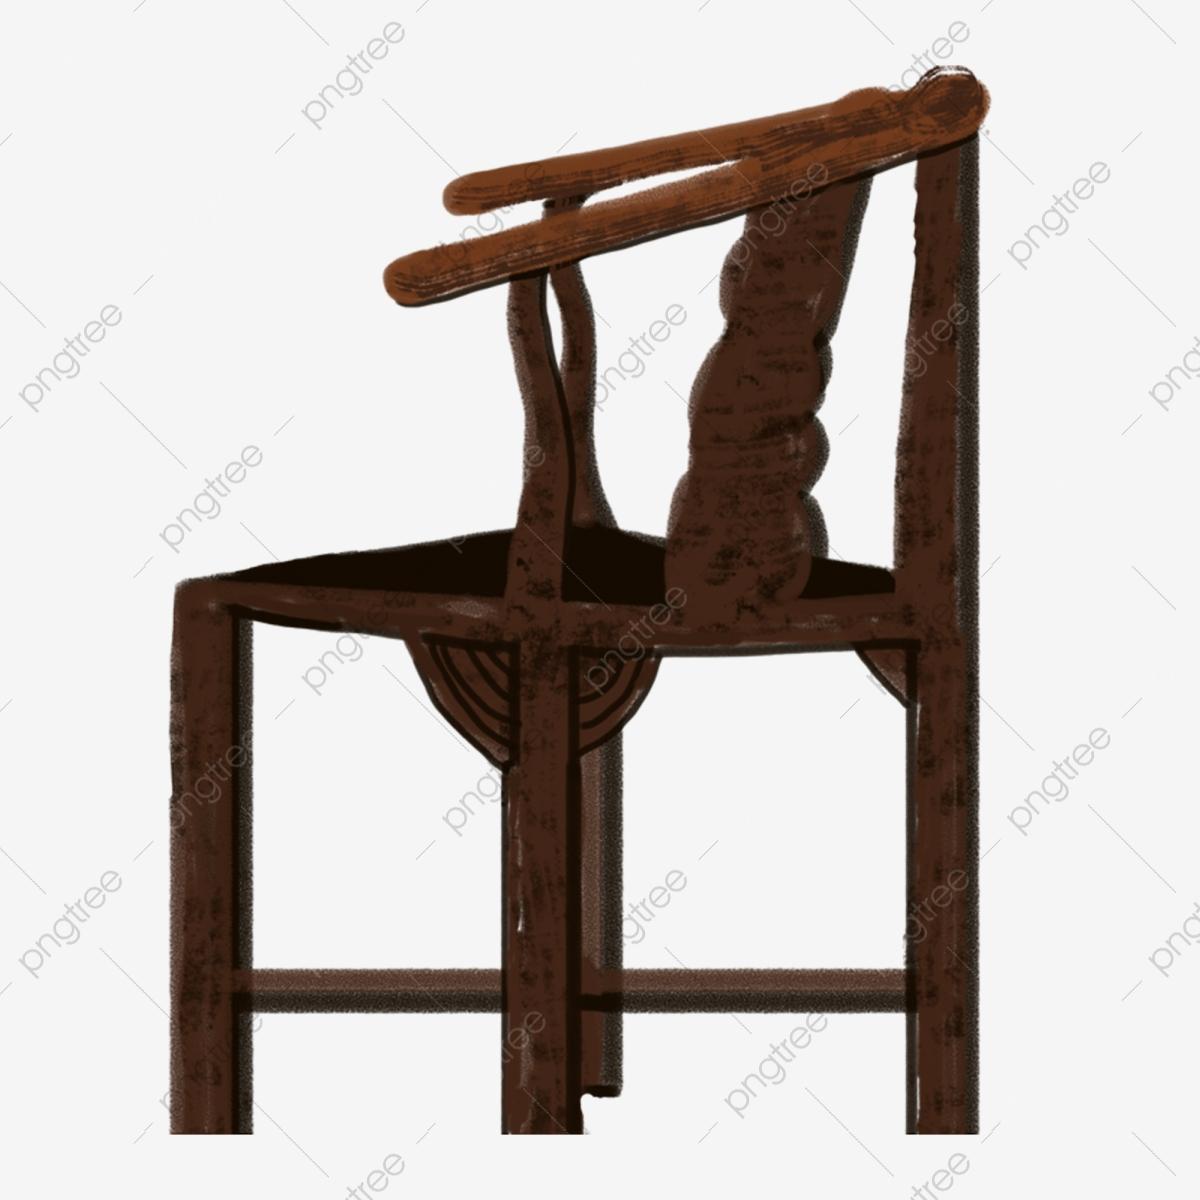 Klasik dan elegan imej. Chair clipart kerusi